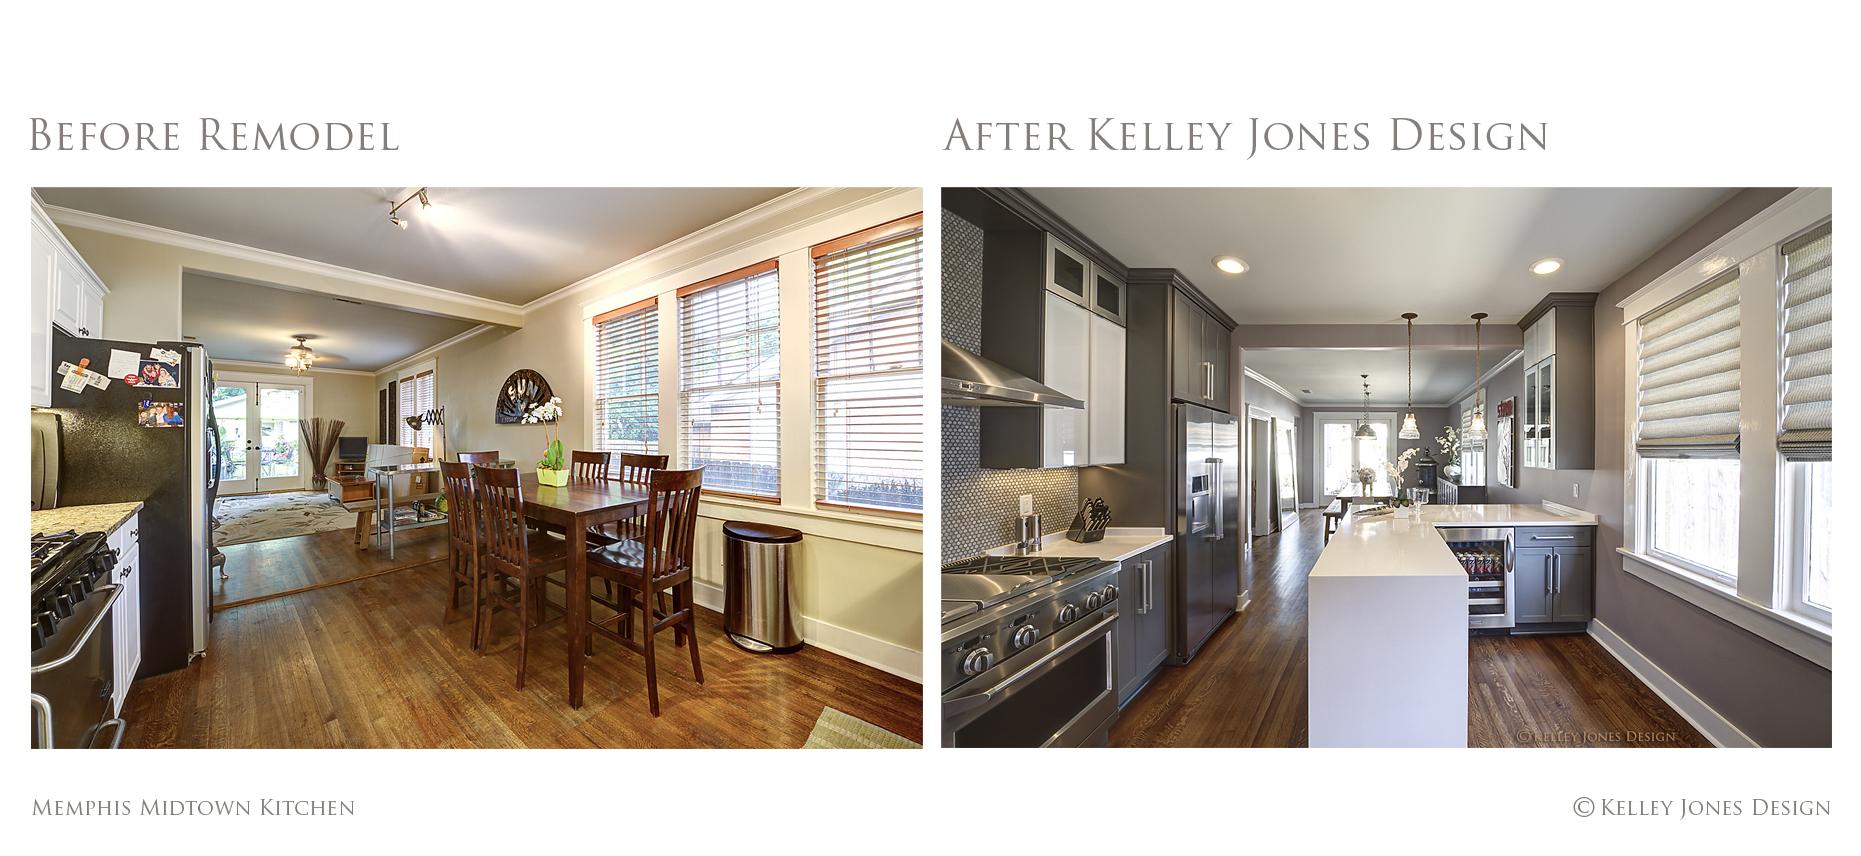 1-memphis-midtown-kitchen-remodel-before-after-kelley-jones-design.jpg